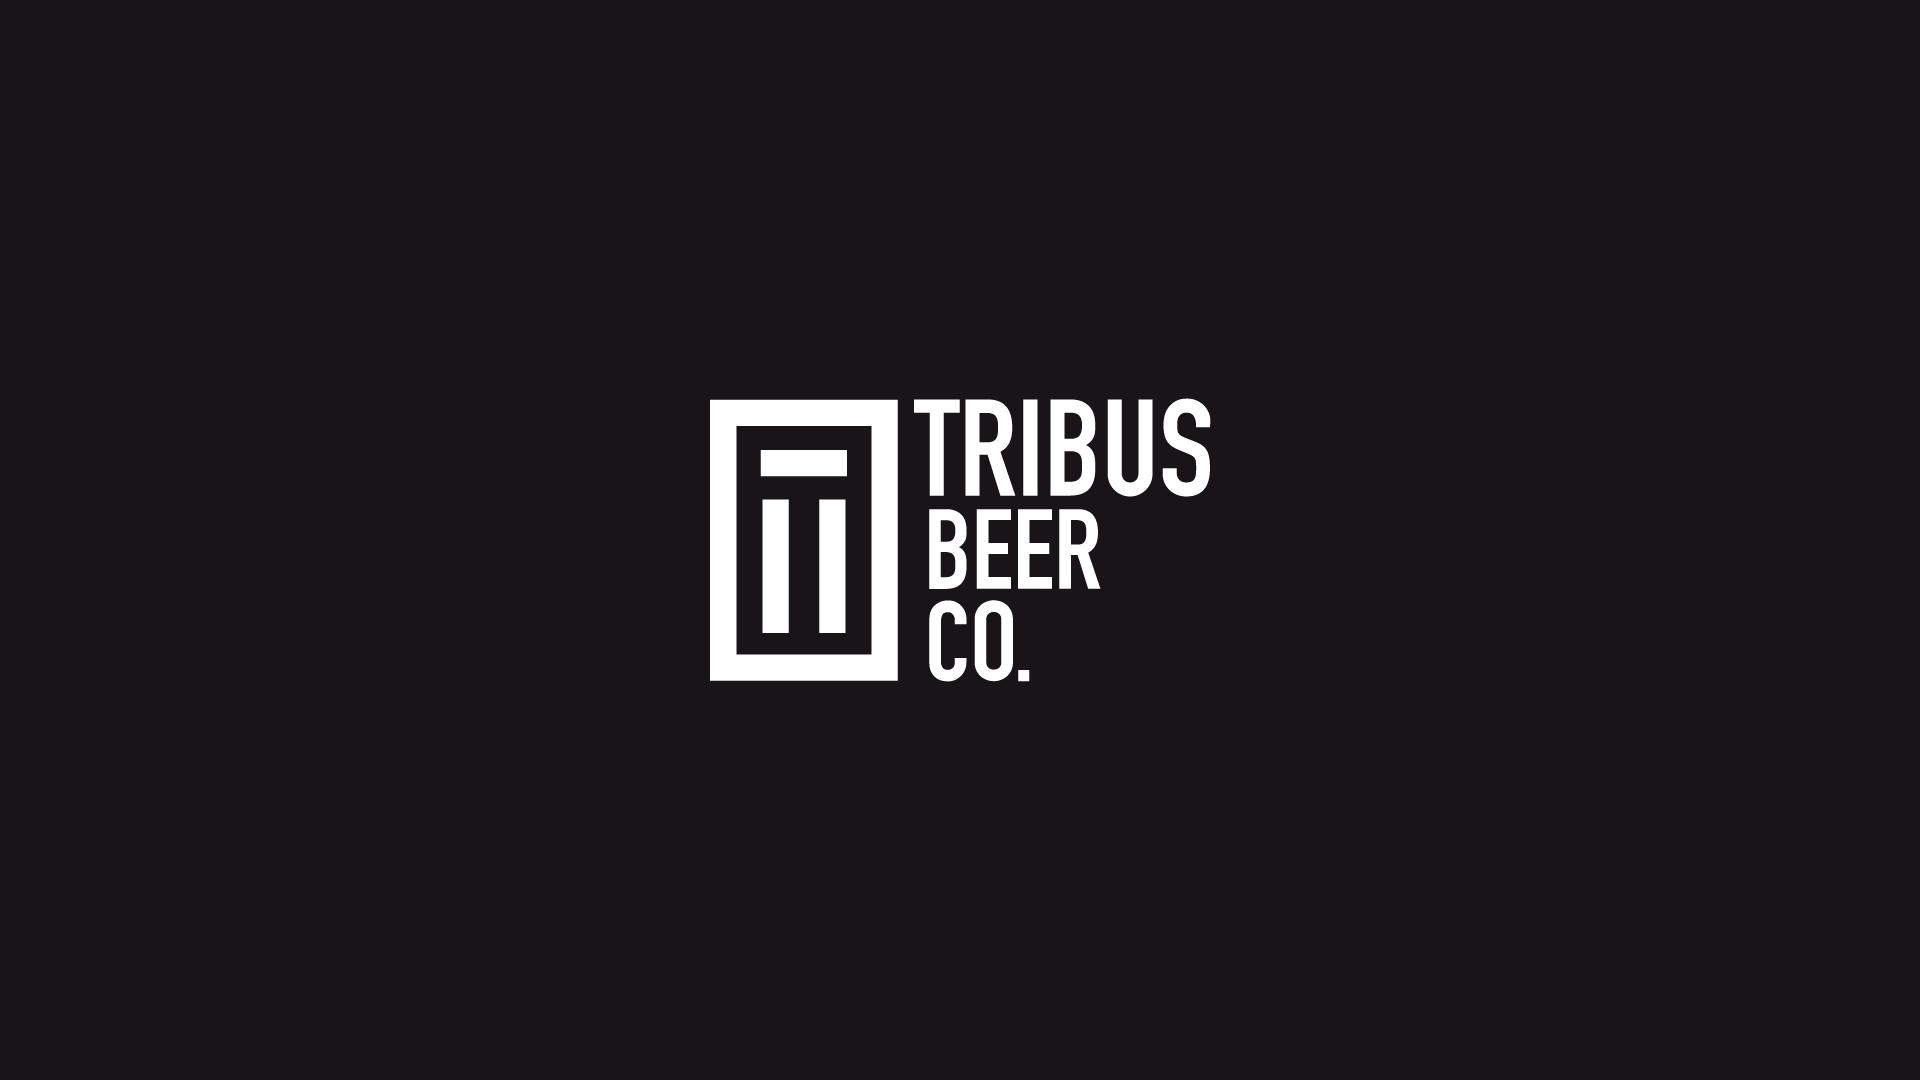 tribus_logo_1920.png